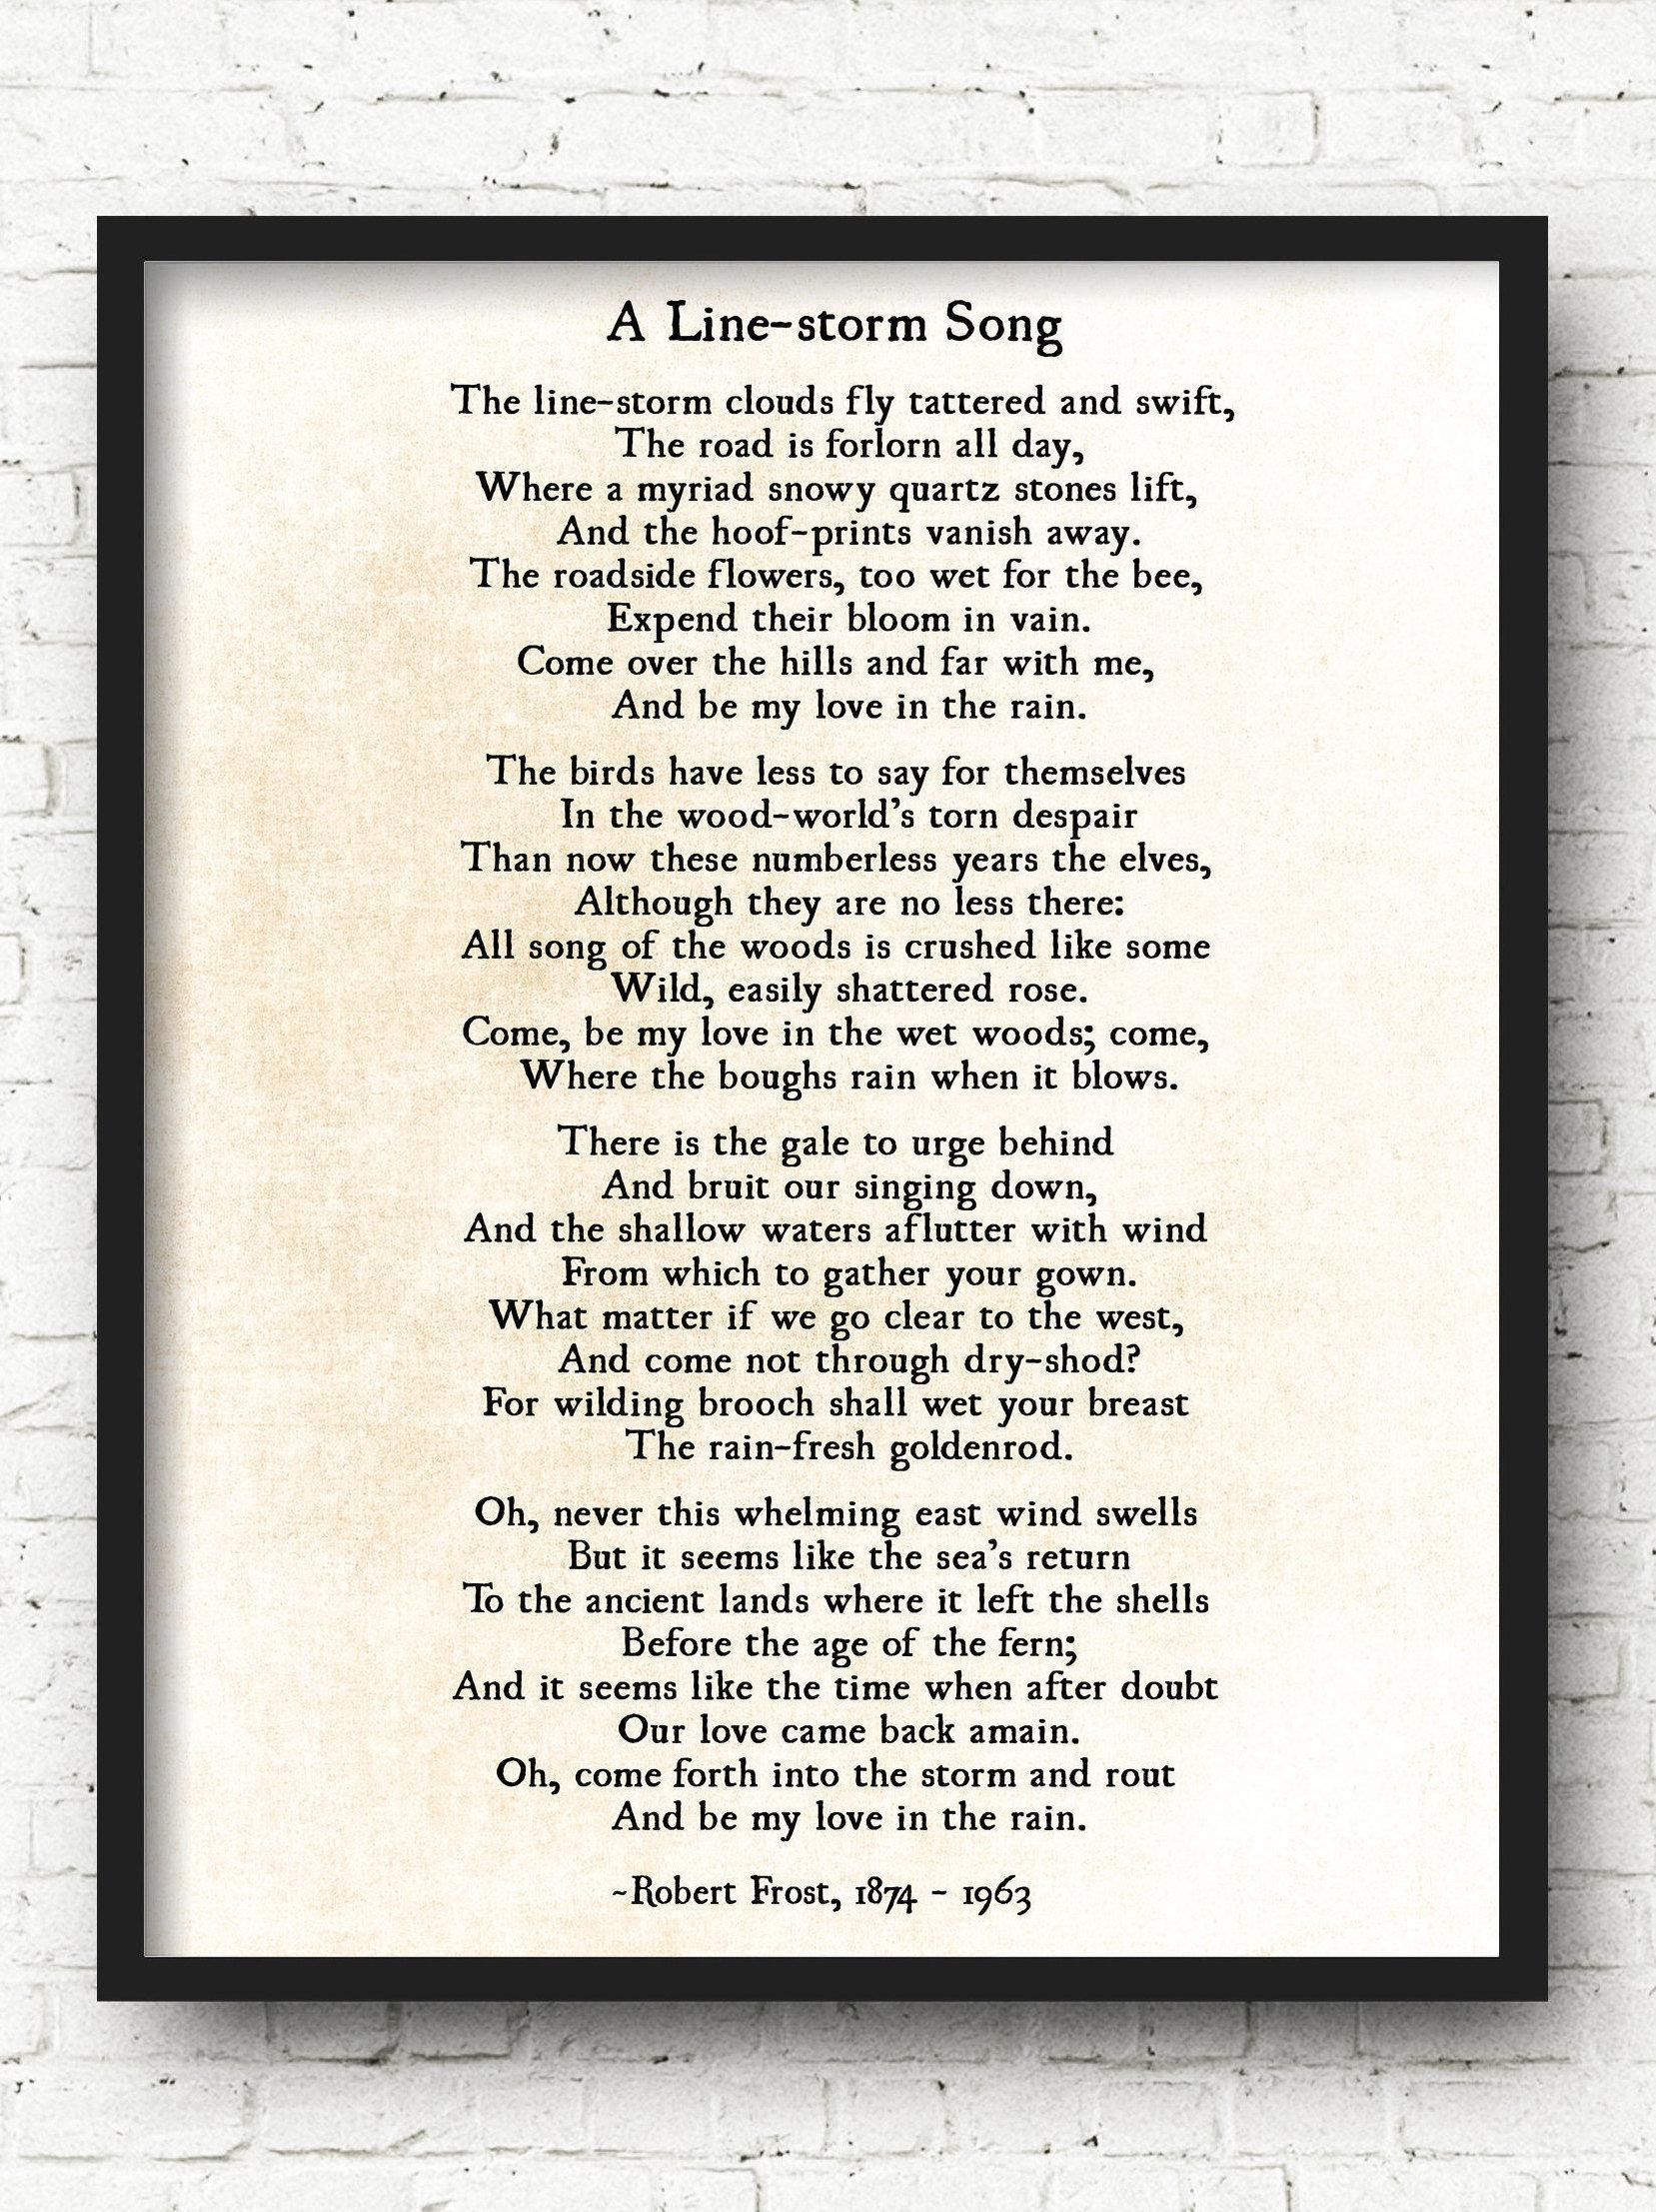 Robert Frost-Druck eine Linie Storm Song werden meine | Etsy